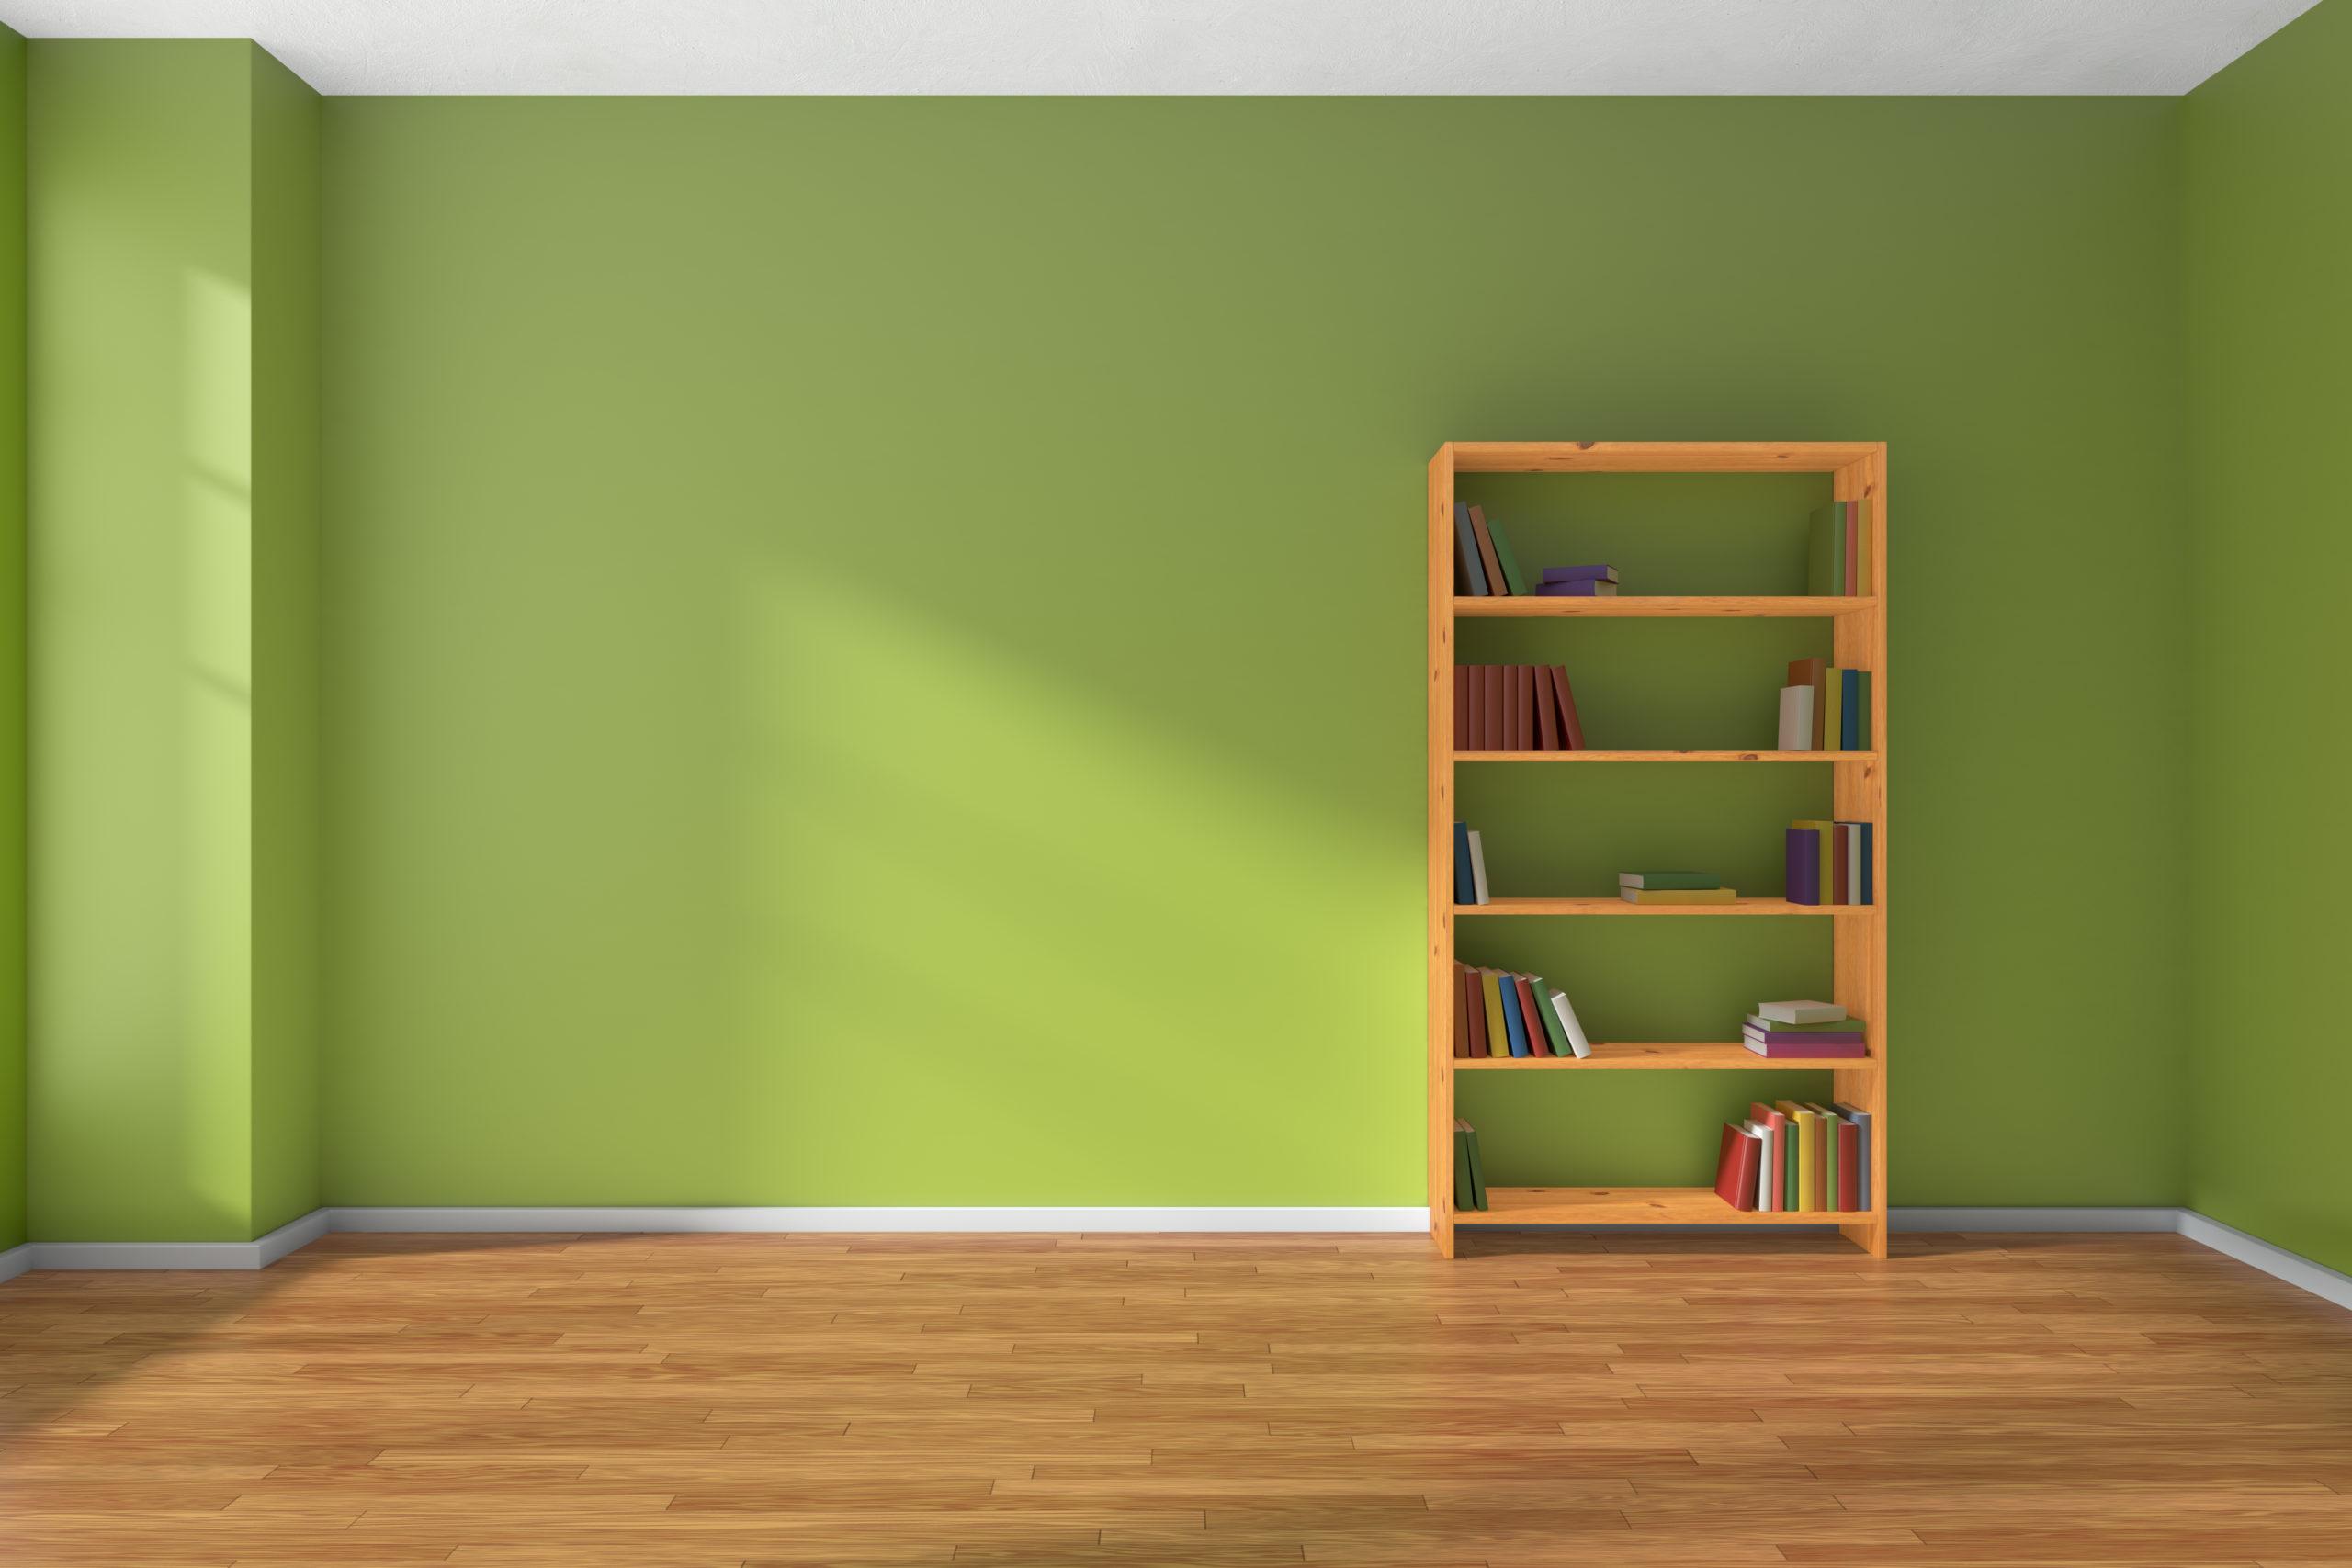 Ambientes internos são influenciados pelas cores